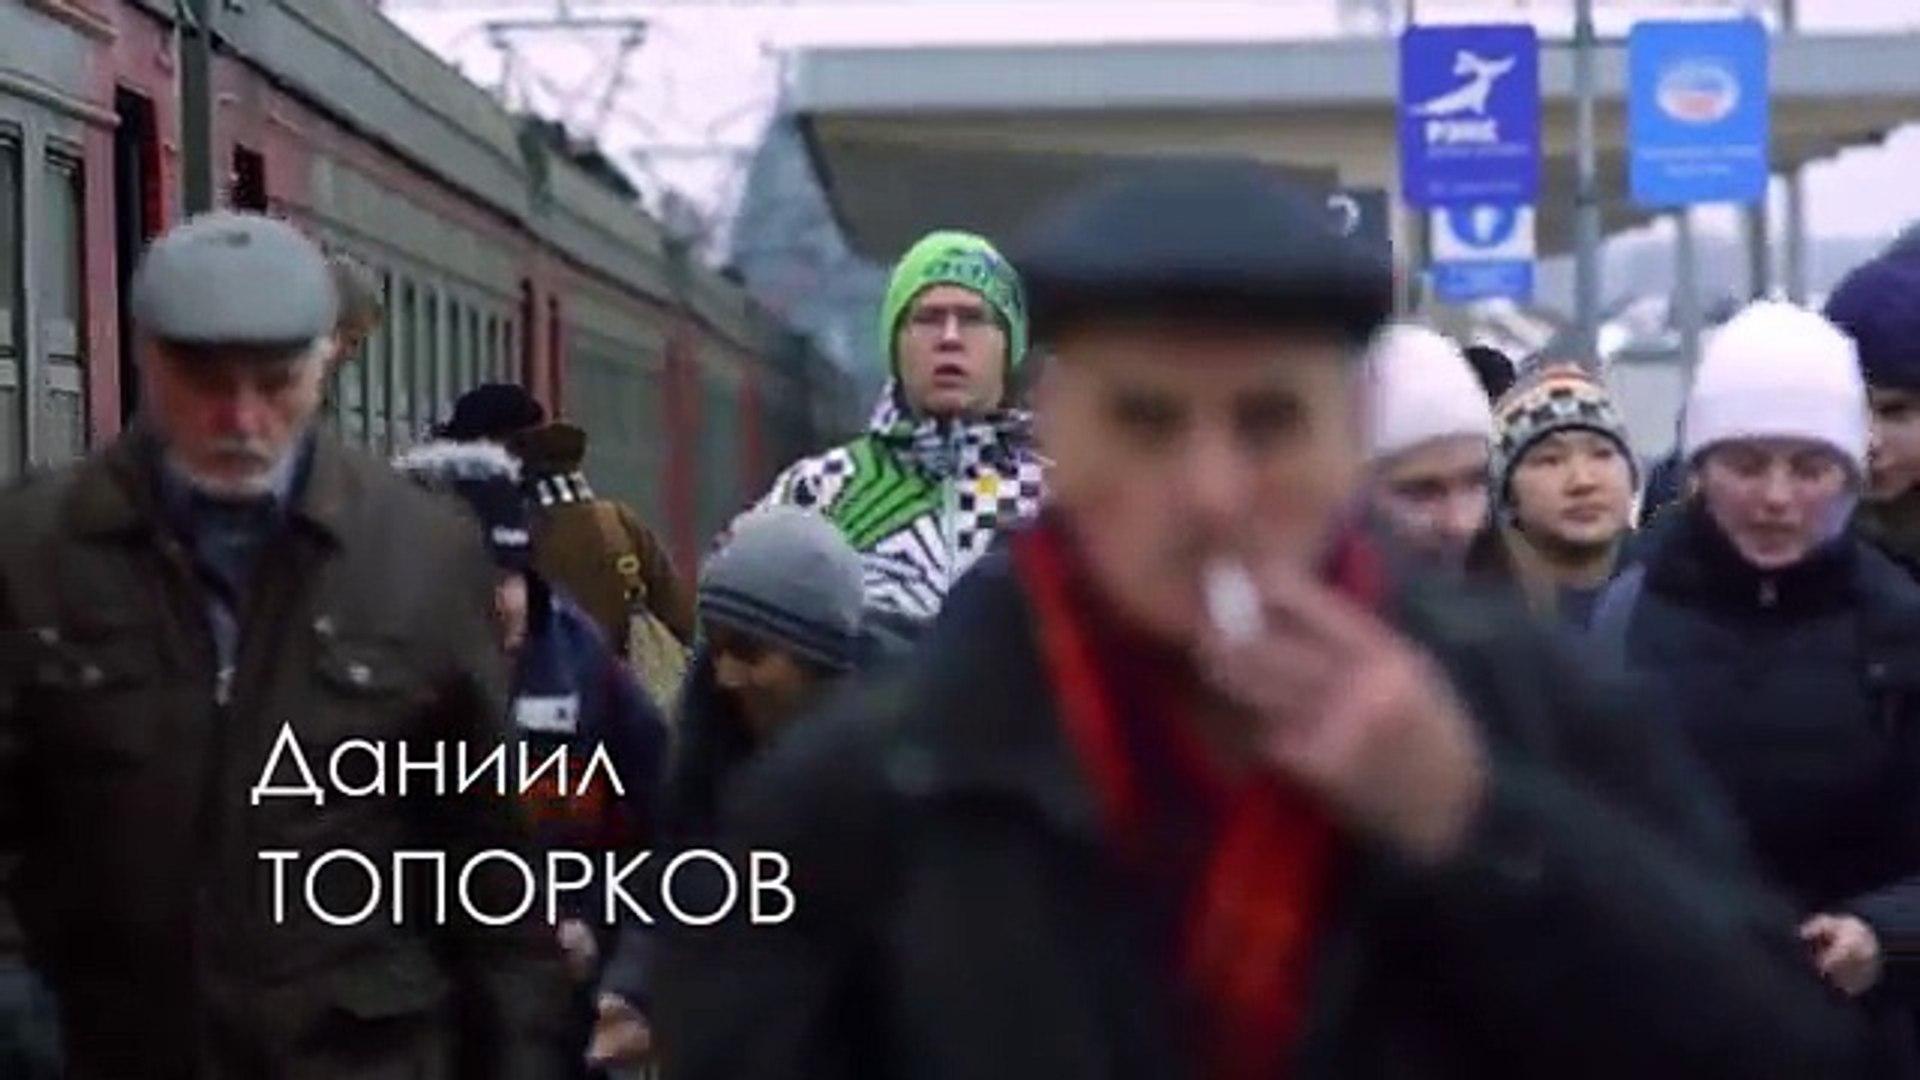 Просто игра / Just а game - короткометражный фильм / short